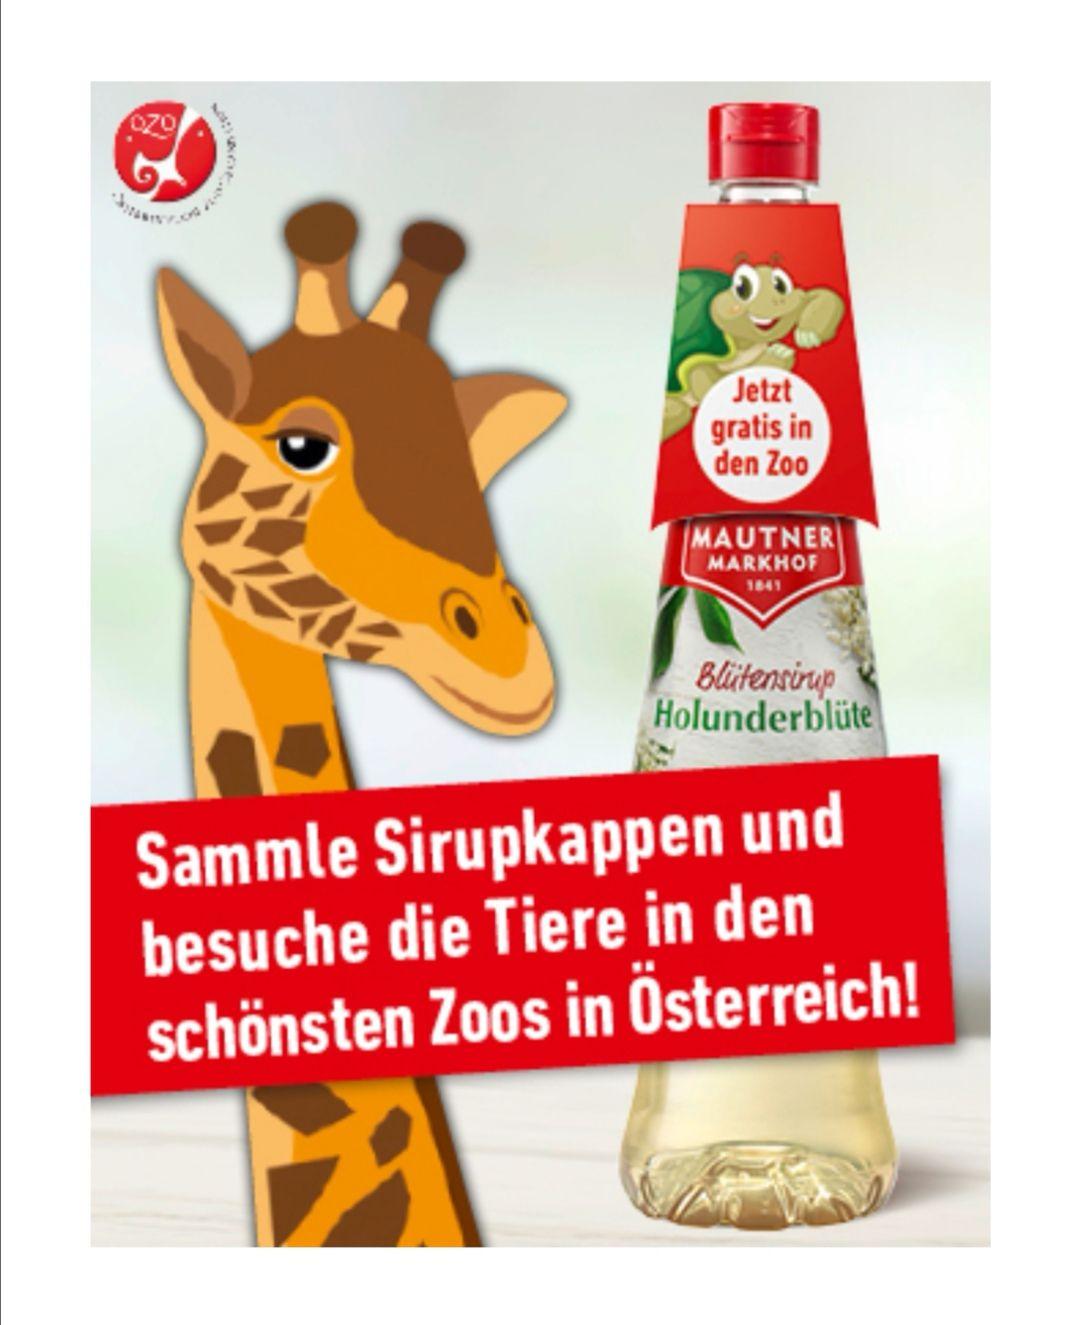 Mit Mautner Sirup Kappen Gratis Kinder Eintritt in österreichs Zoo's